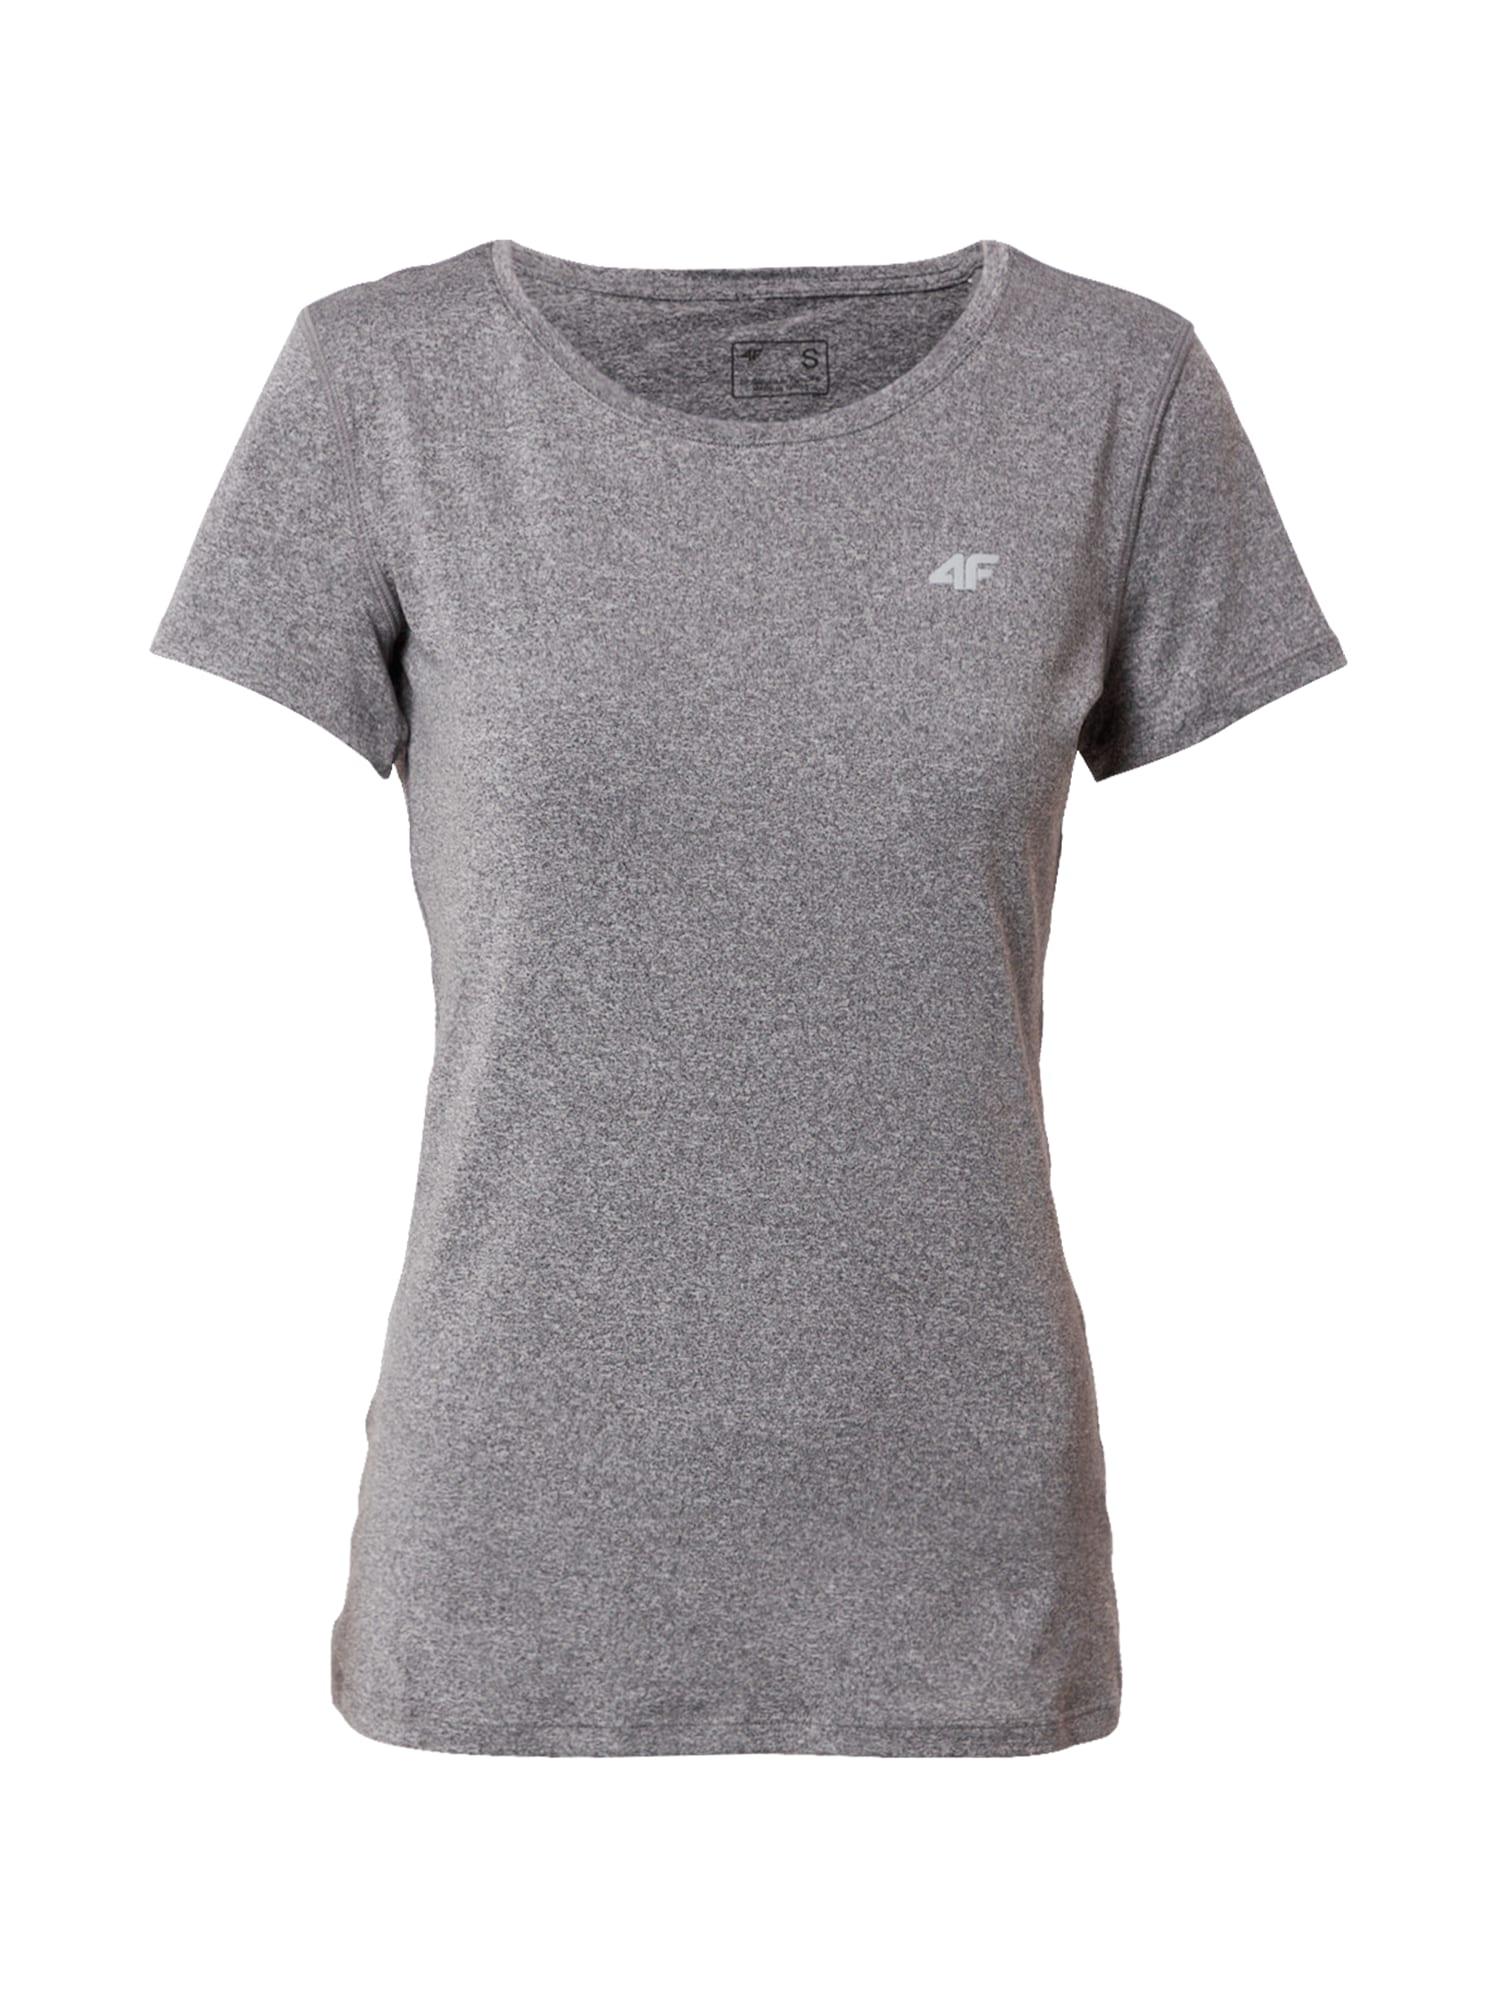 4F Sportiniai marškinėliai margai pilka